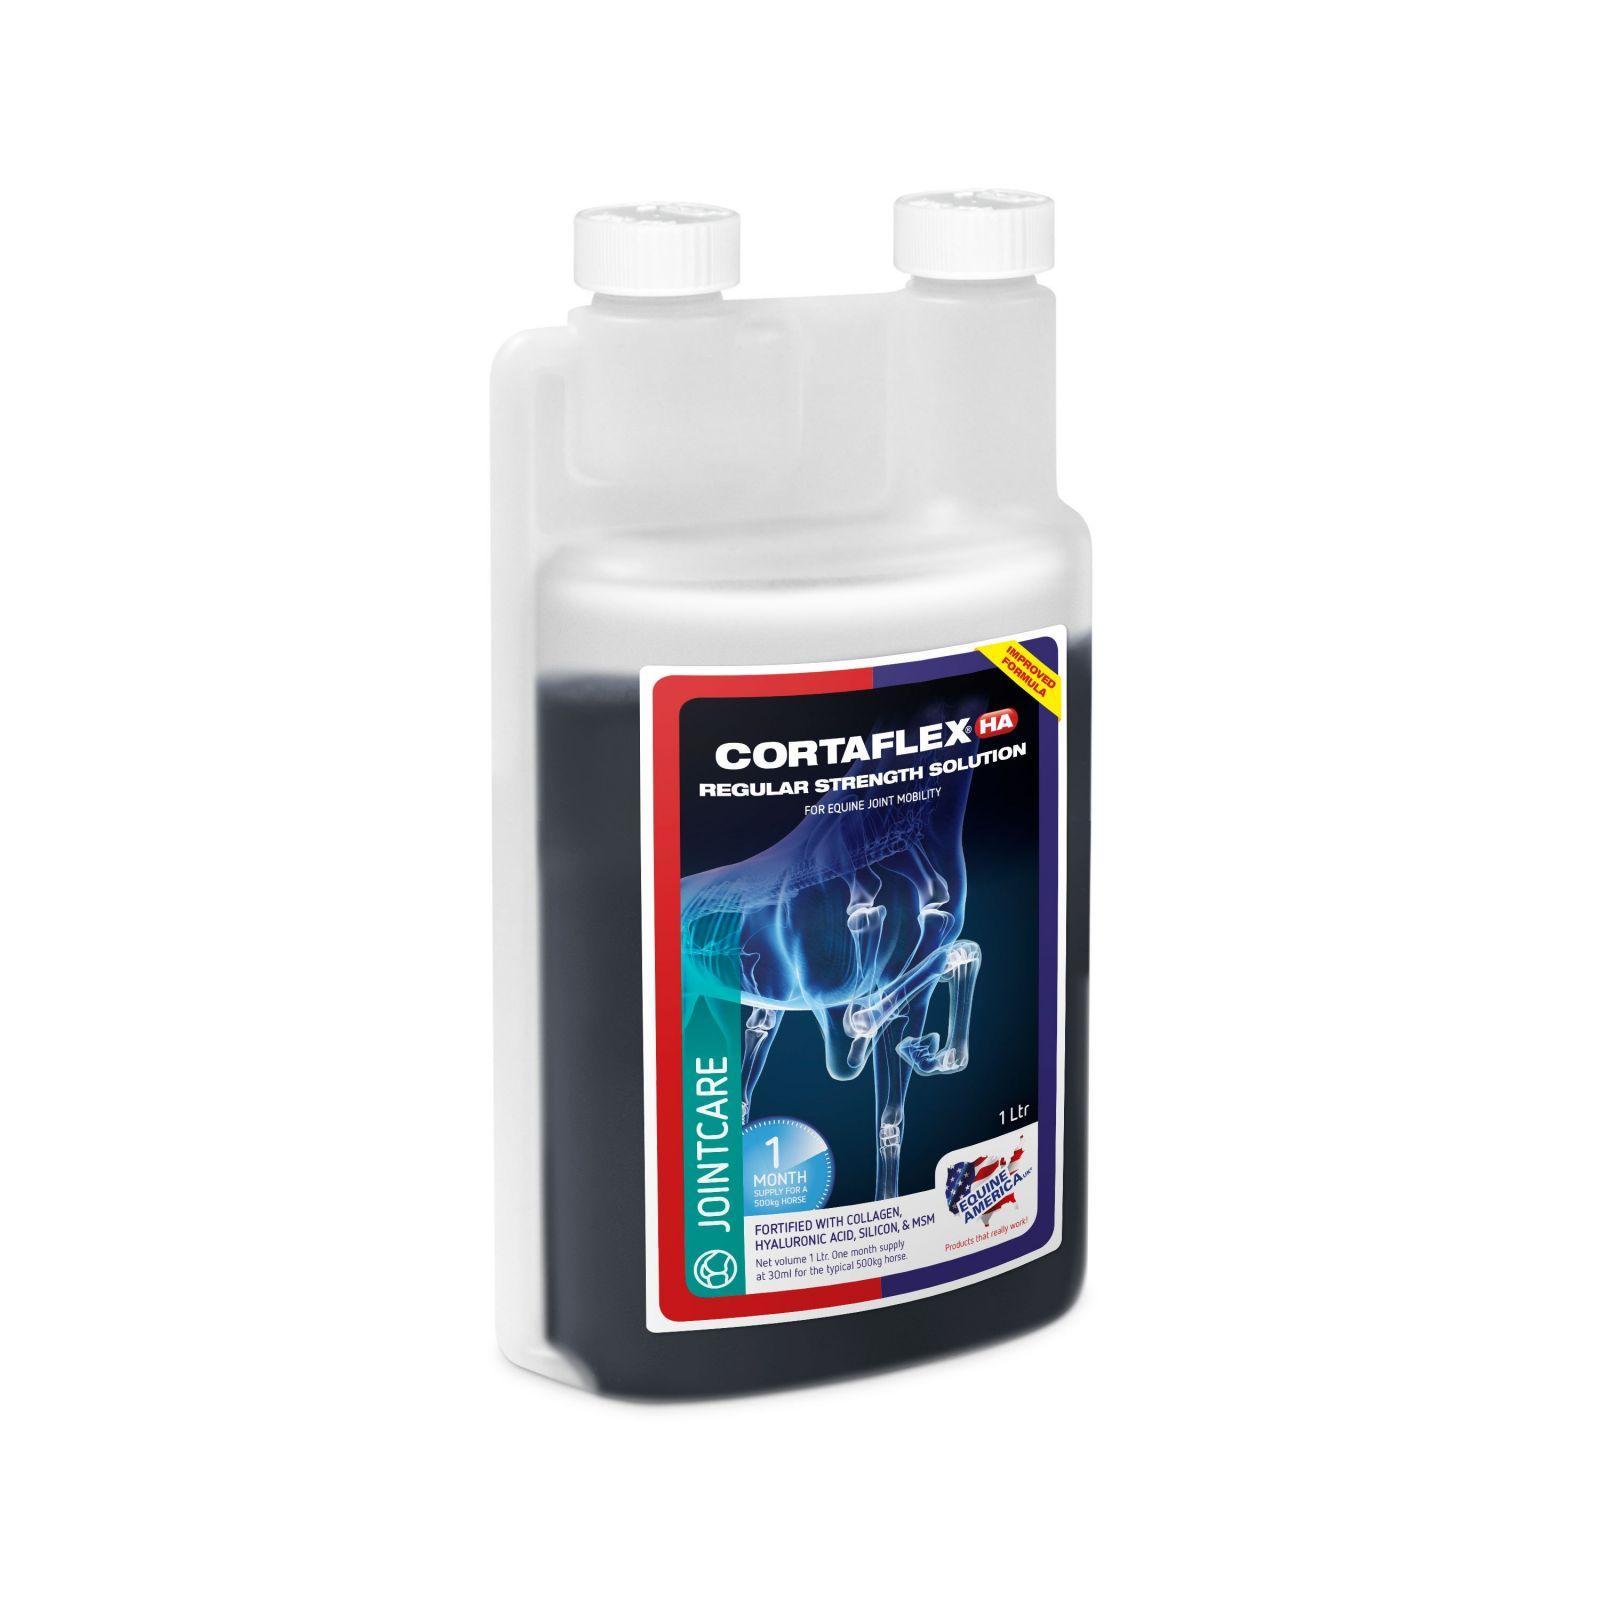 Cortaflex HA Regular Solution